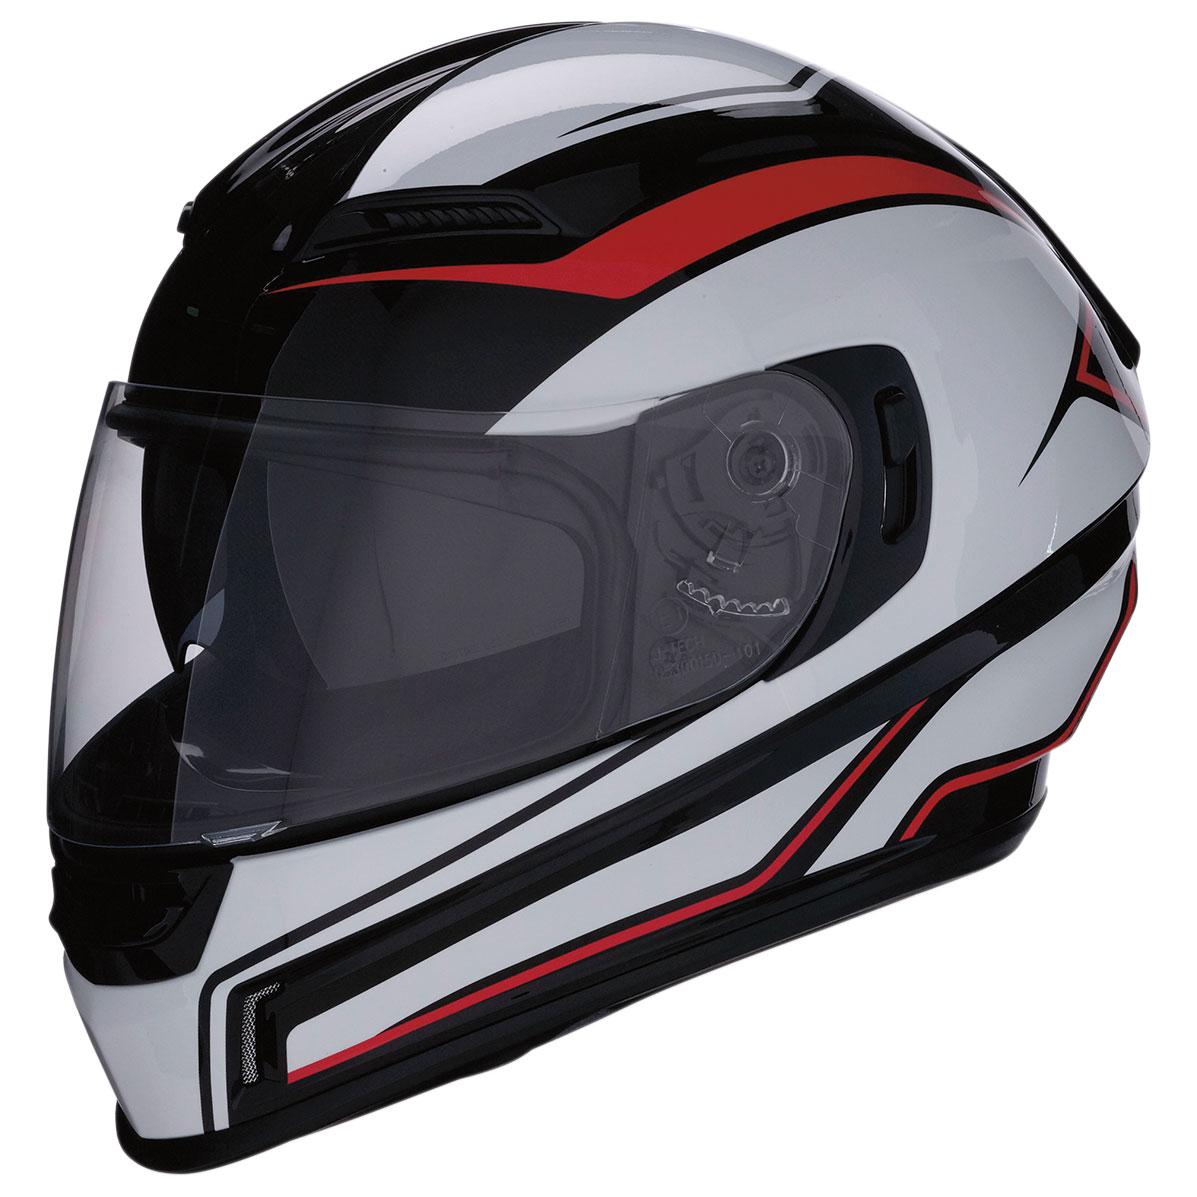 Z1R Jackal Aggressor Red/White/Black Full Face Helmet